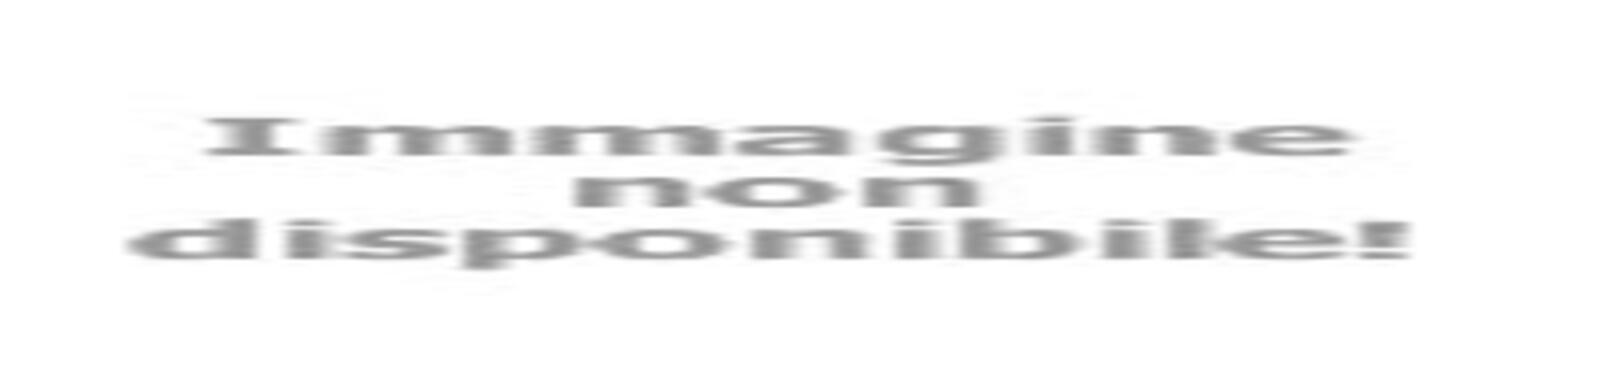 petronianaviaggi it libano-sentieri-di-storia-v146 002